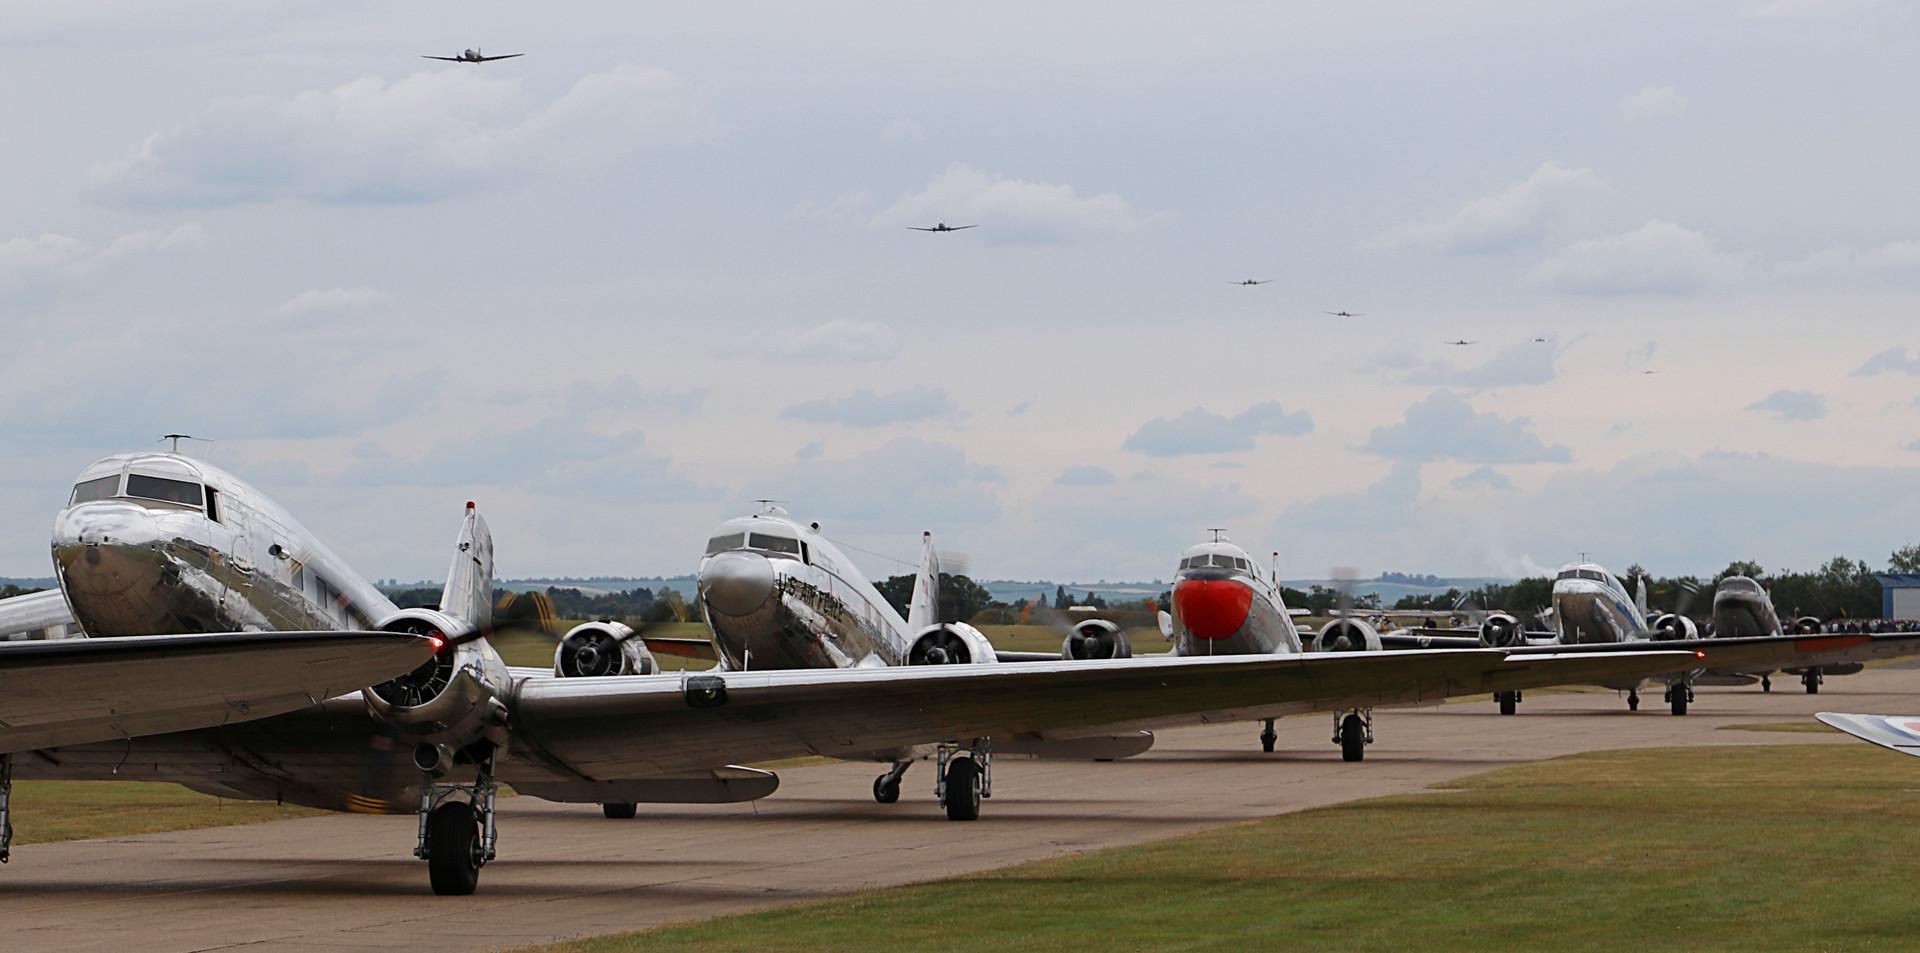 Departure Daks over Duxford June 2019 (3